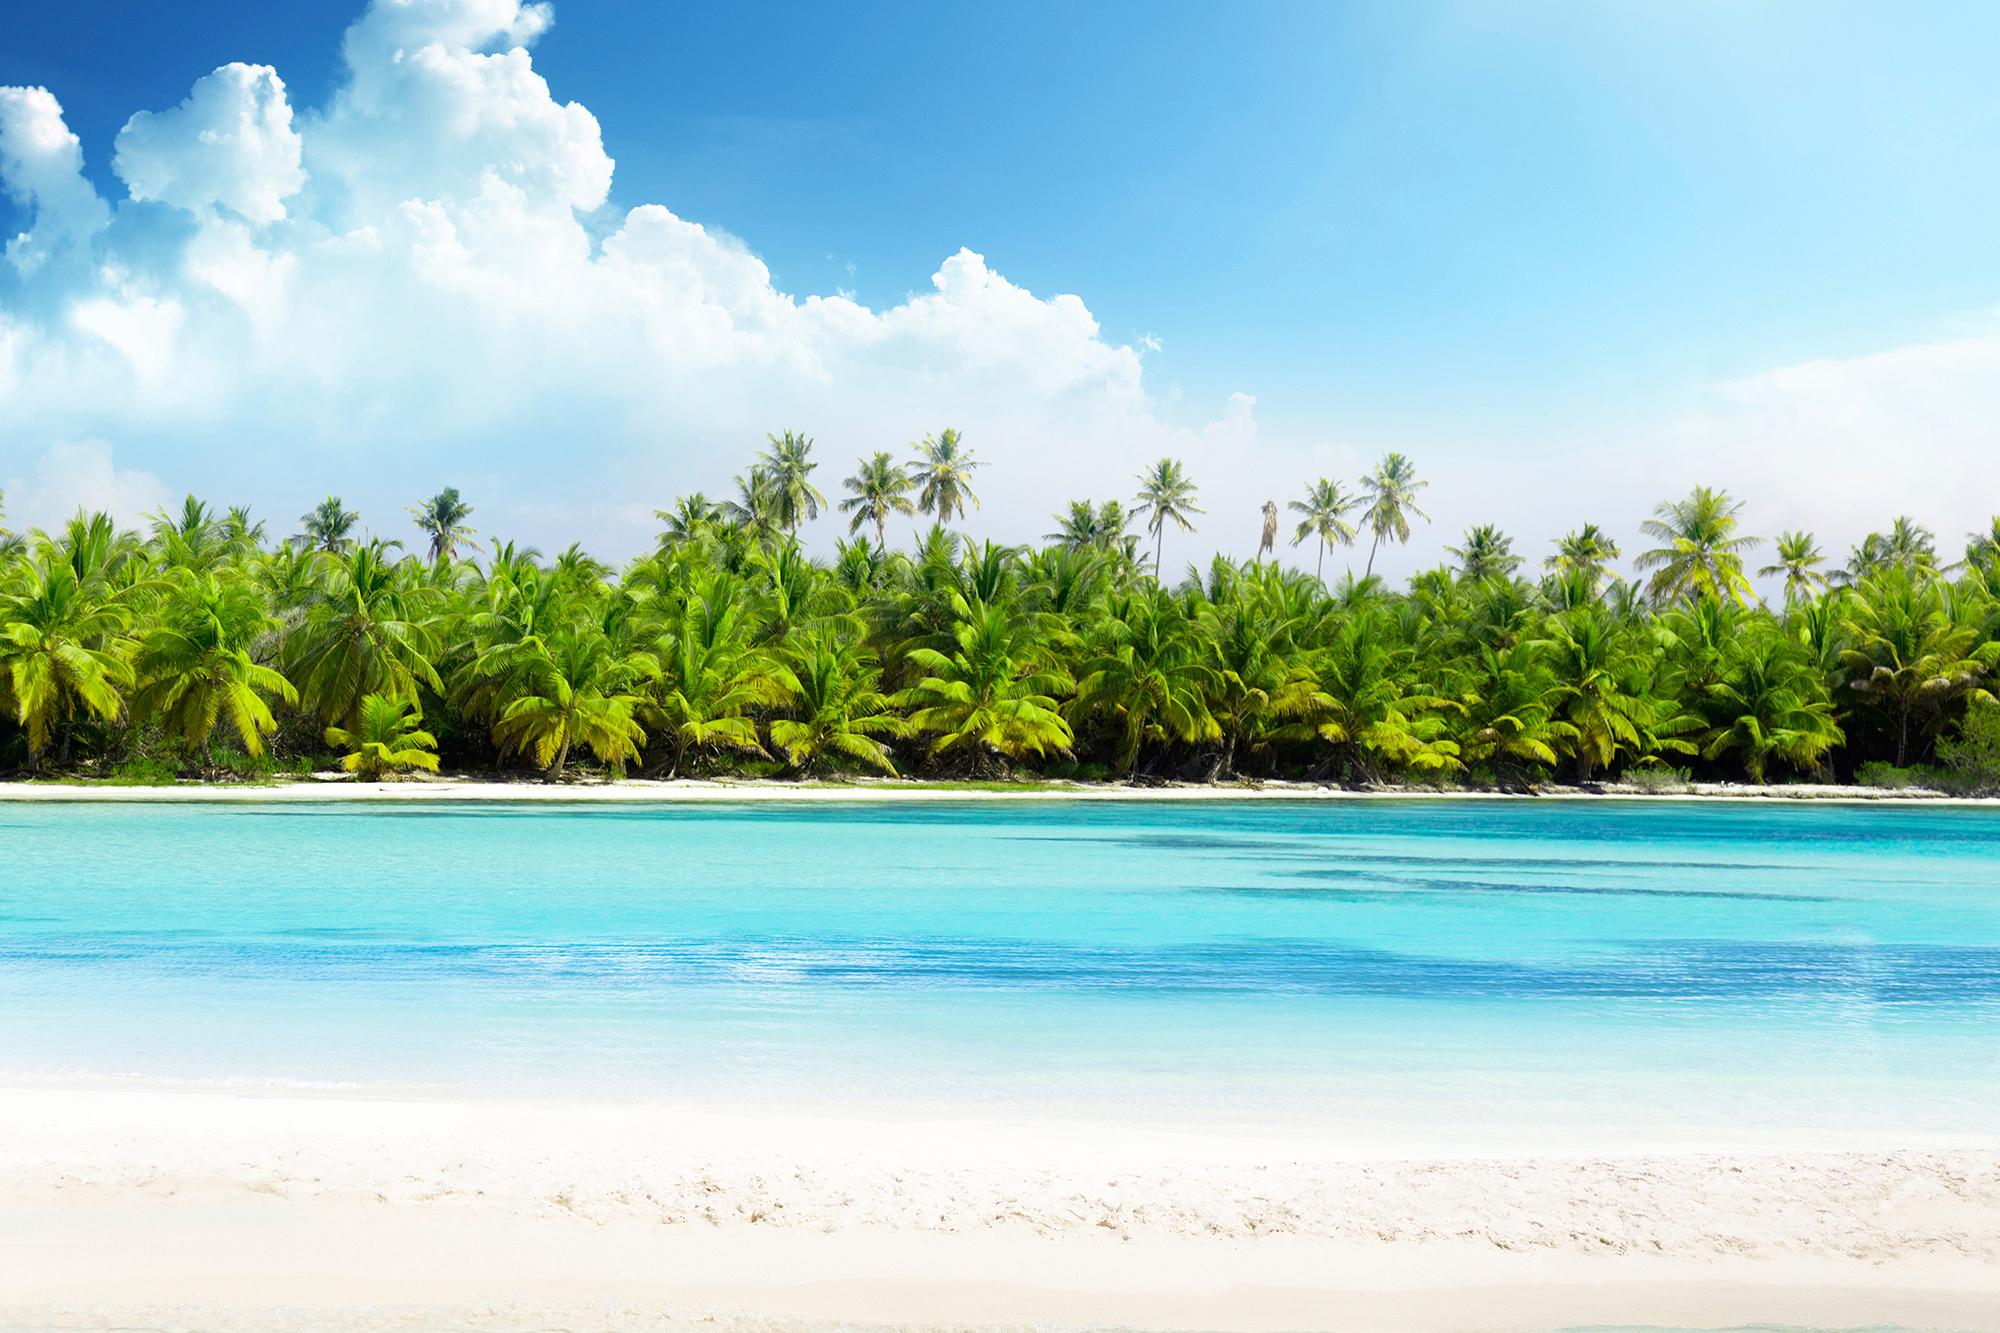 9 Tage Punta Cana mit Flug ab Frankfurt, 4 * Hotel mit AI und Transfer für 2 Personen